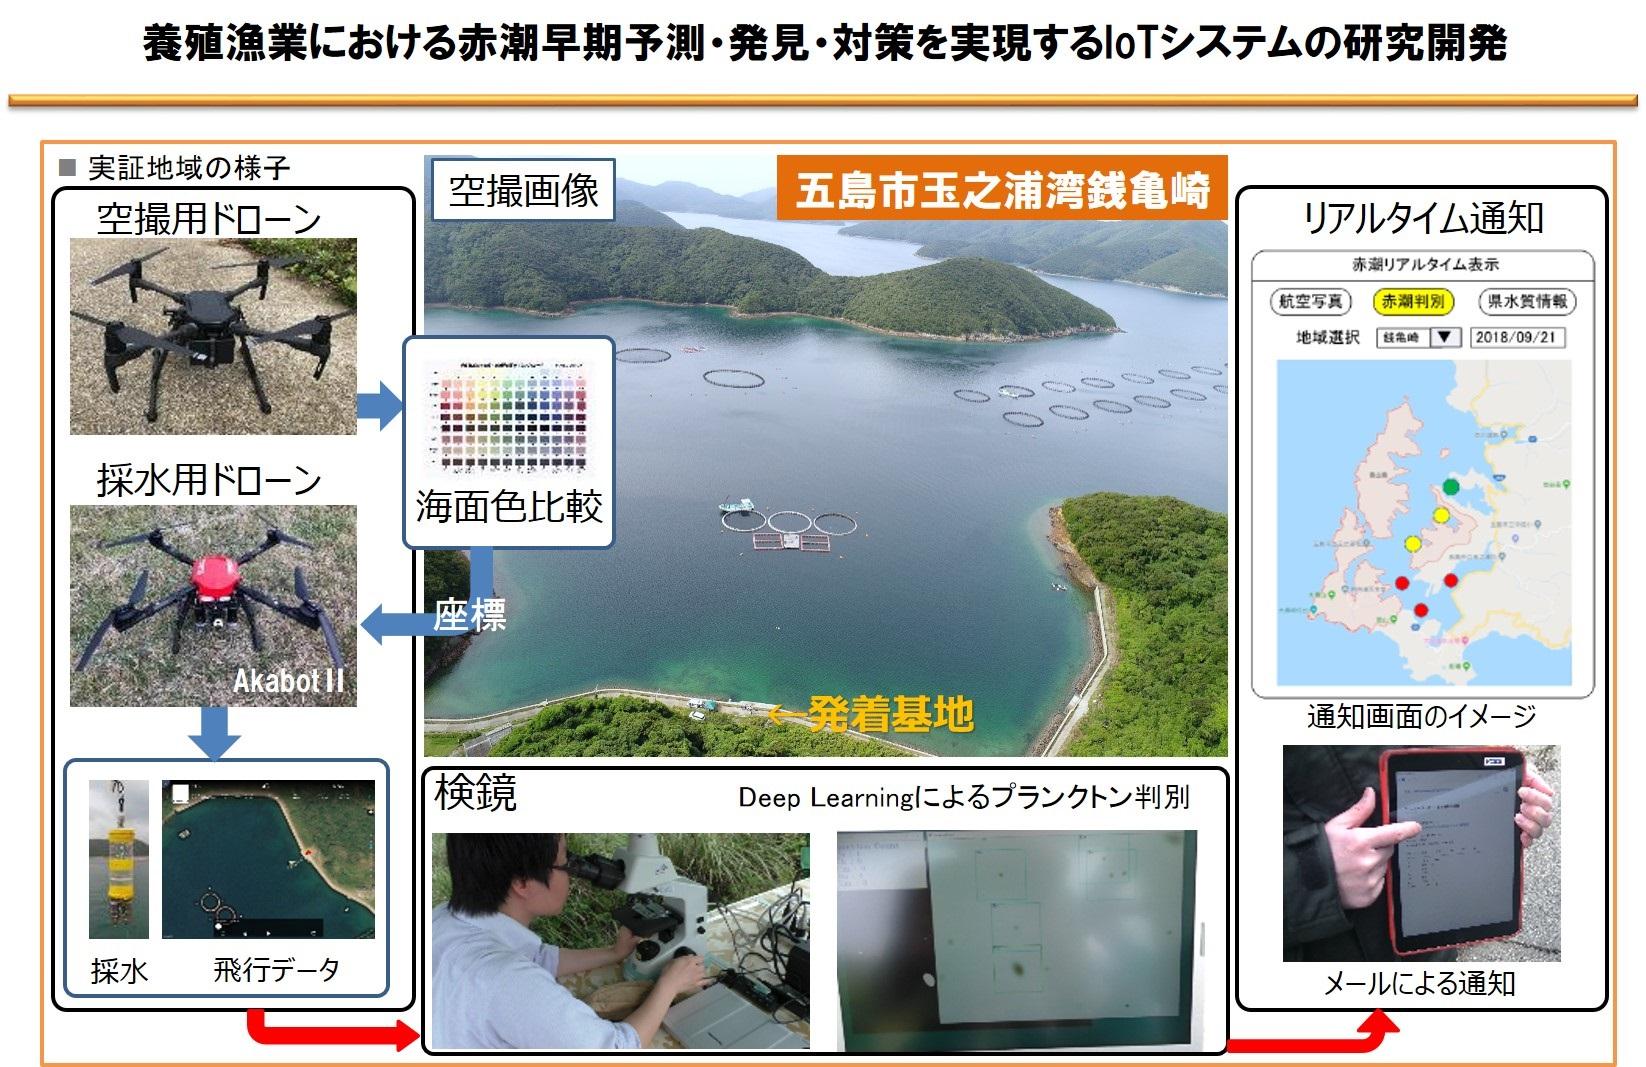 飛行ロボットによる赤潮自動検査通知システム